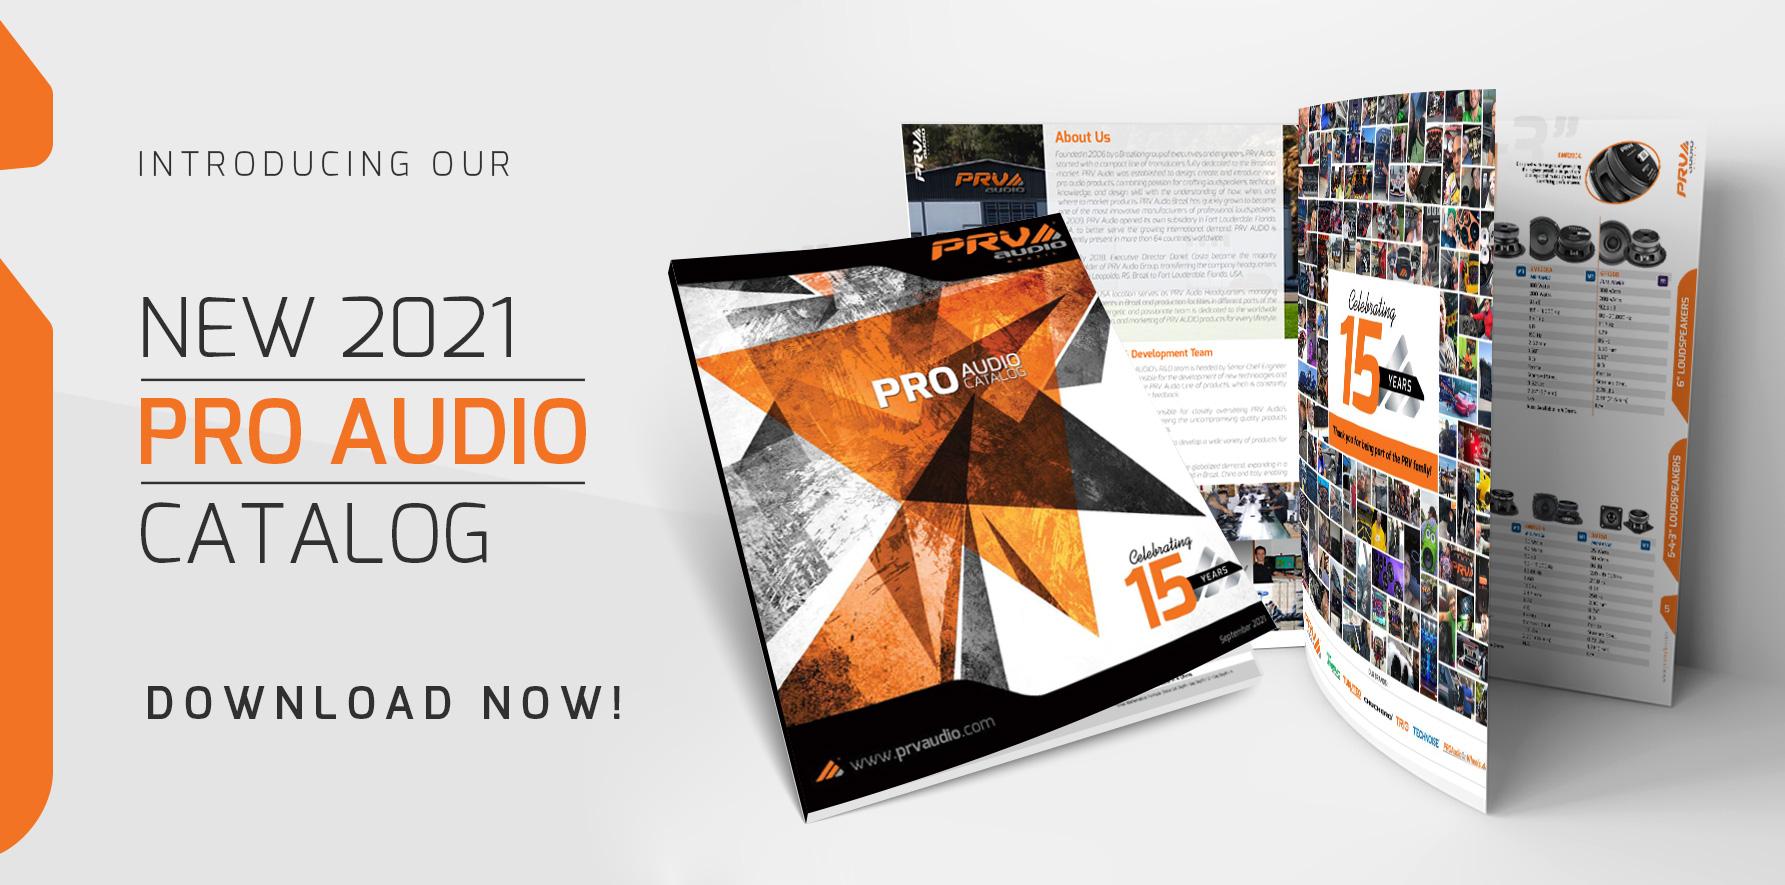 PRV-Audio---PRO-Audio-Catalog-2021-1